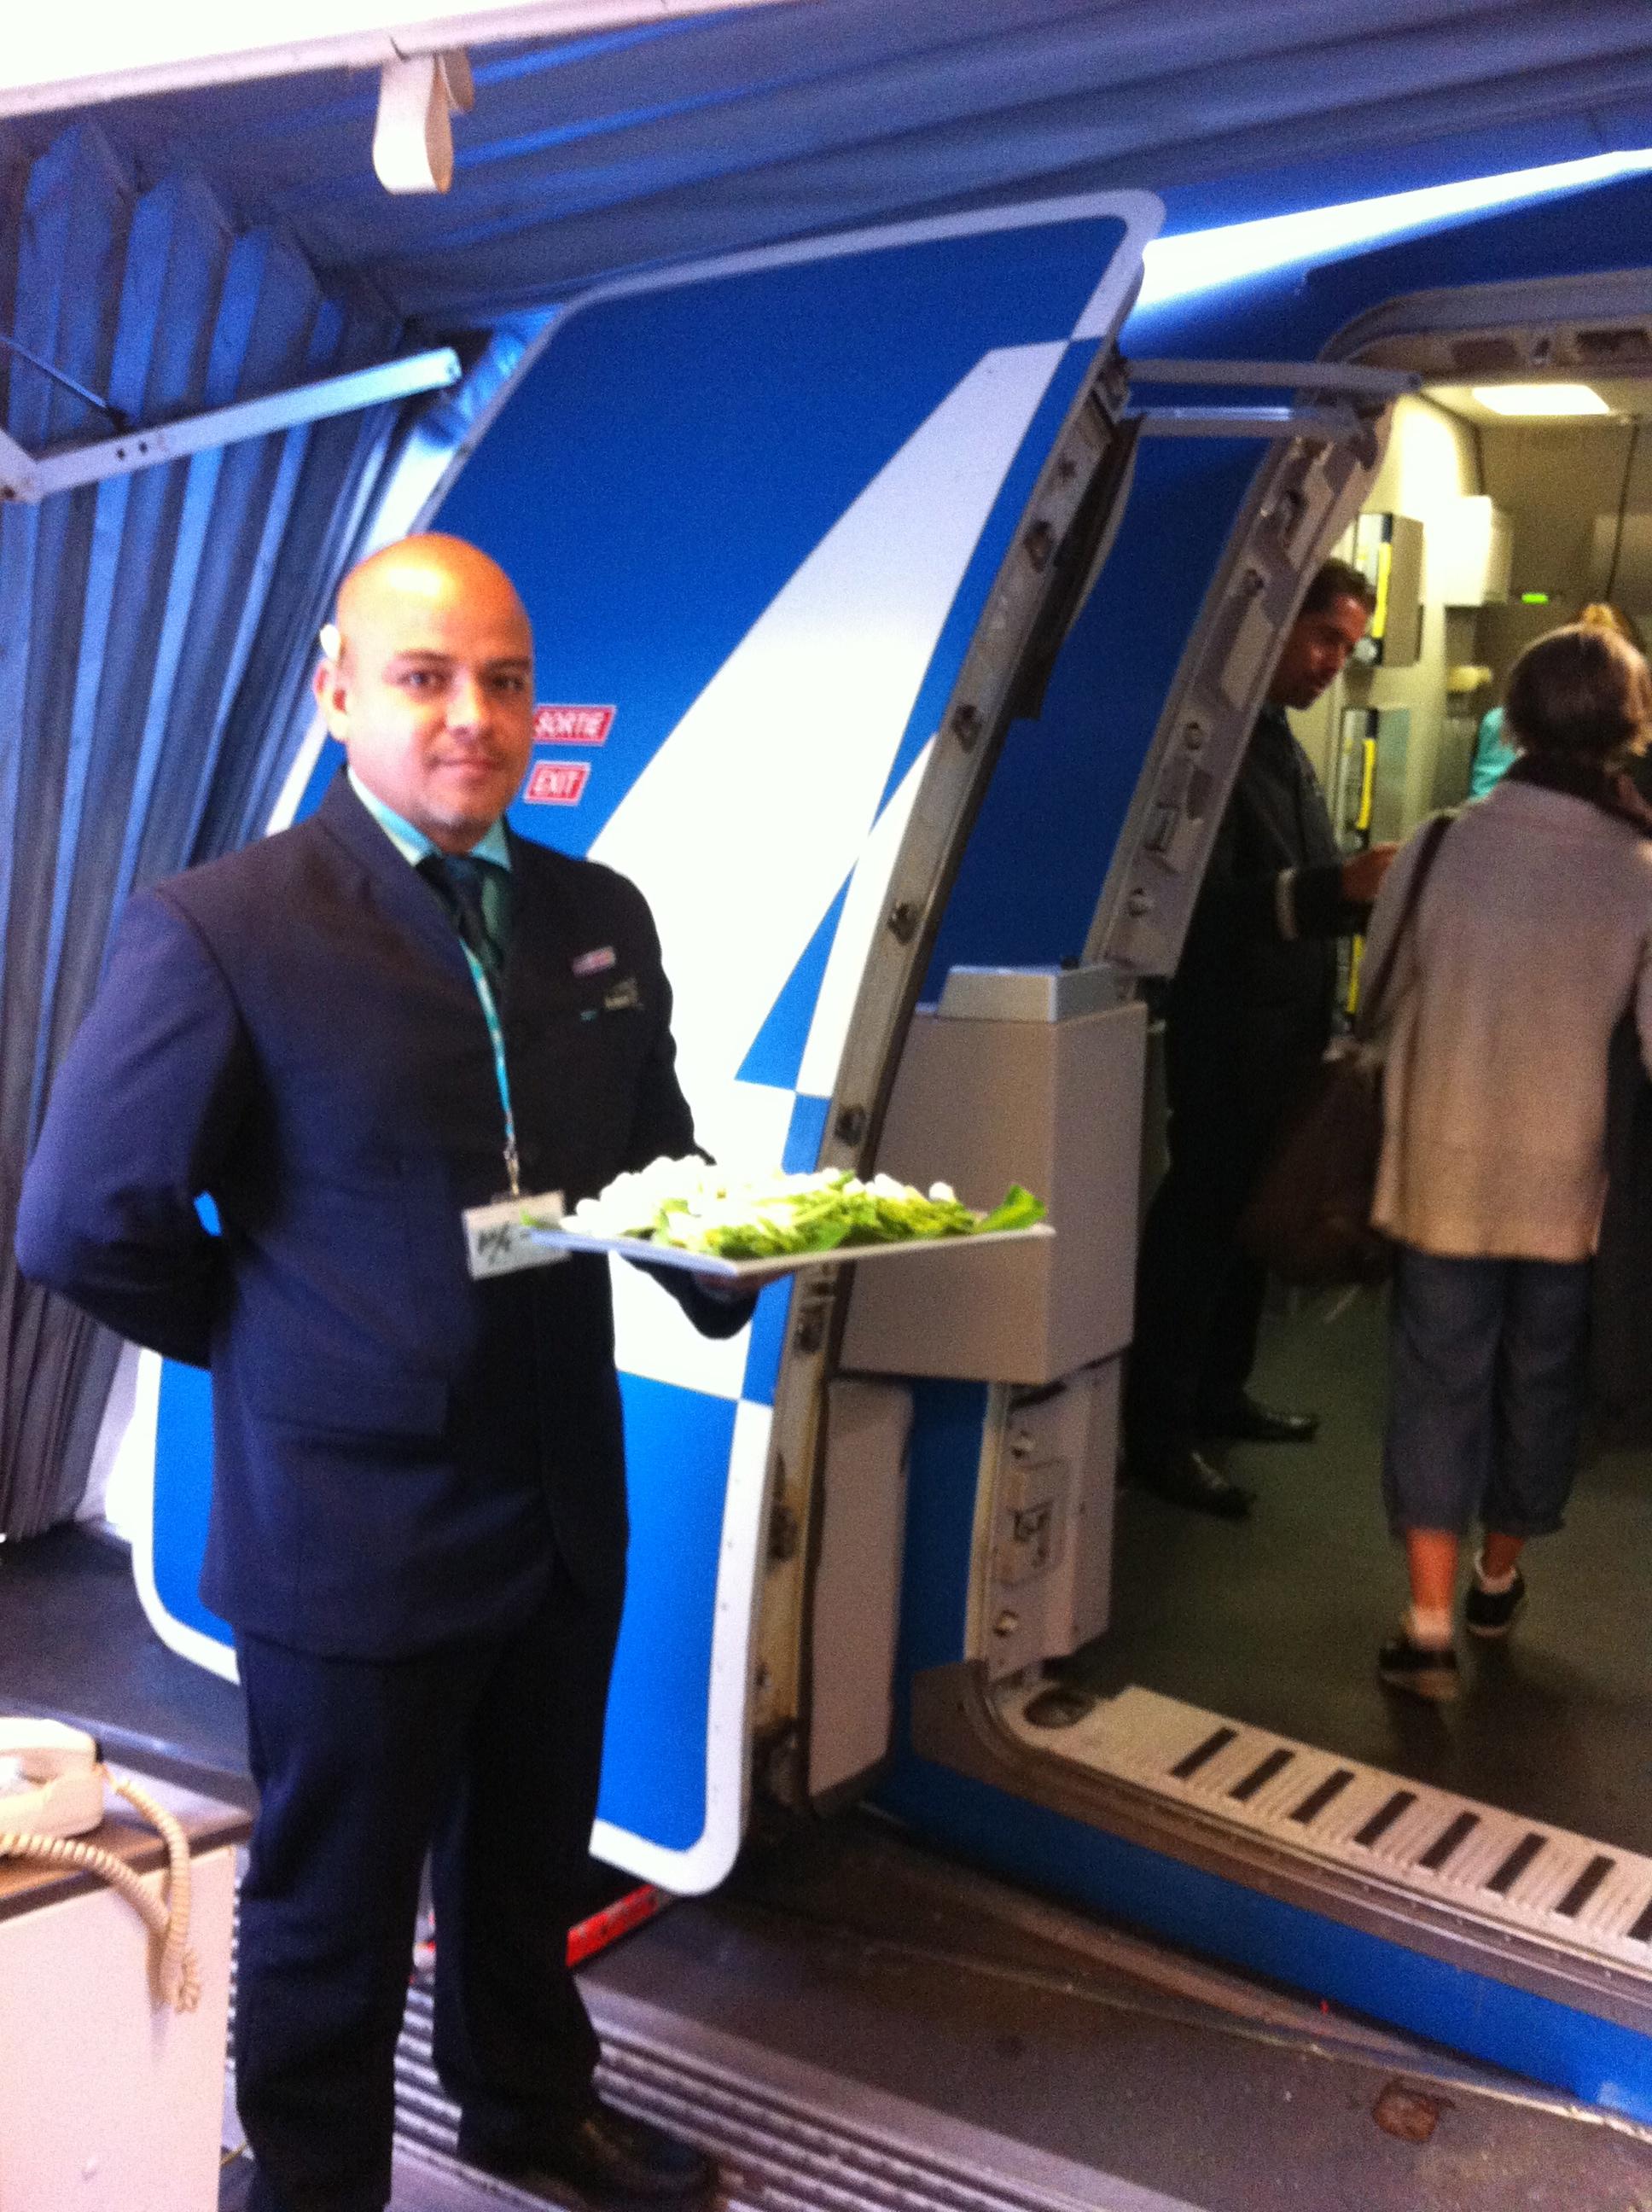 Blumiges National-Symbol - Vor dem Start reicht der Steward Tiare-Blüten, die sich wissende Fluggäste gleich hinters Ohr stecken